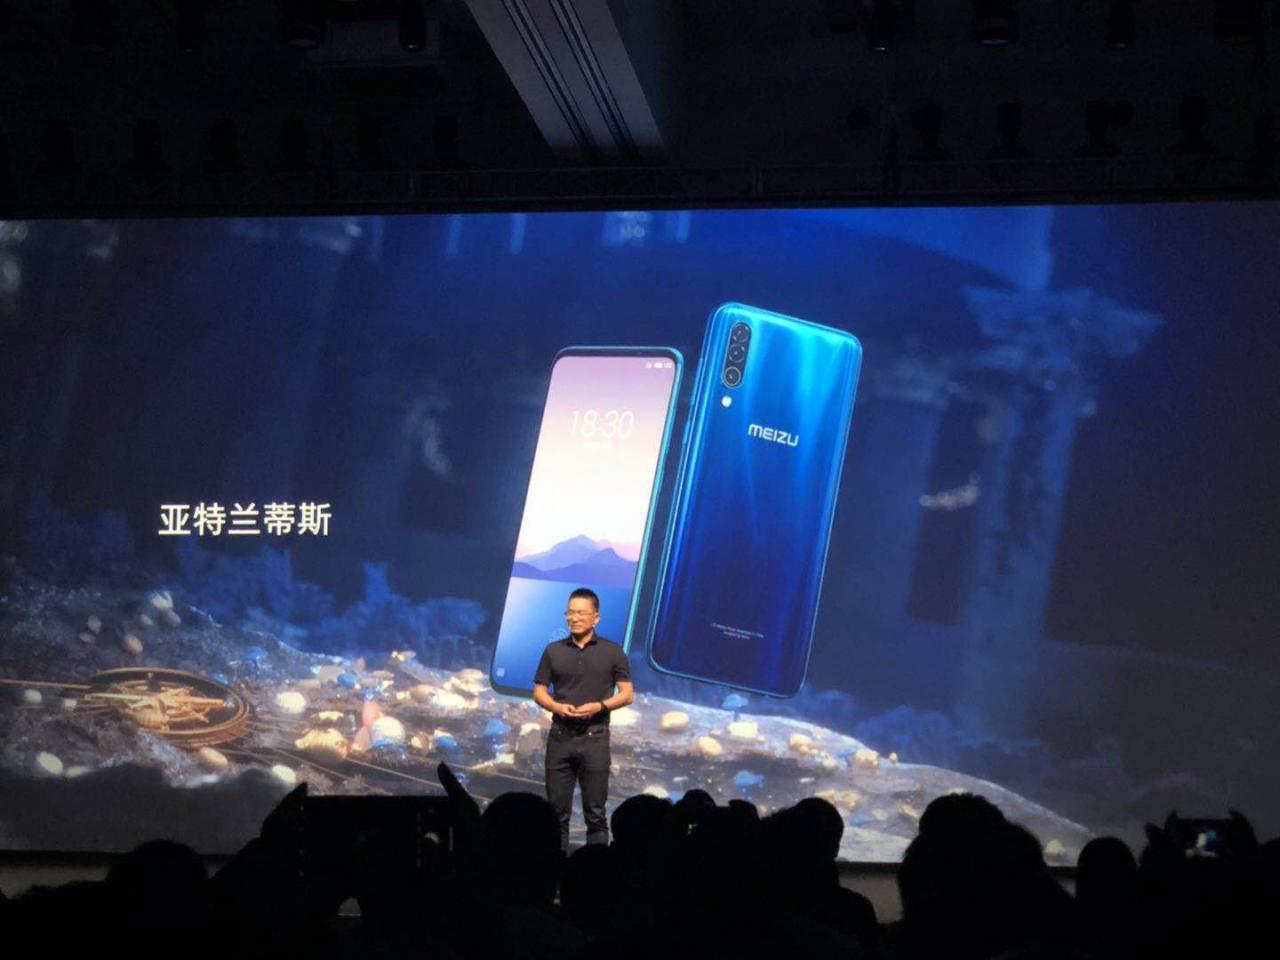 魅族16Xs发布,售价1698元起 搭载Flyme 7.3 热点资讯 第4张